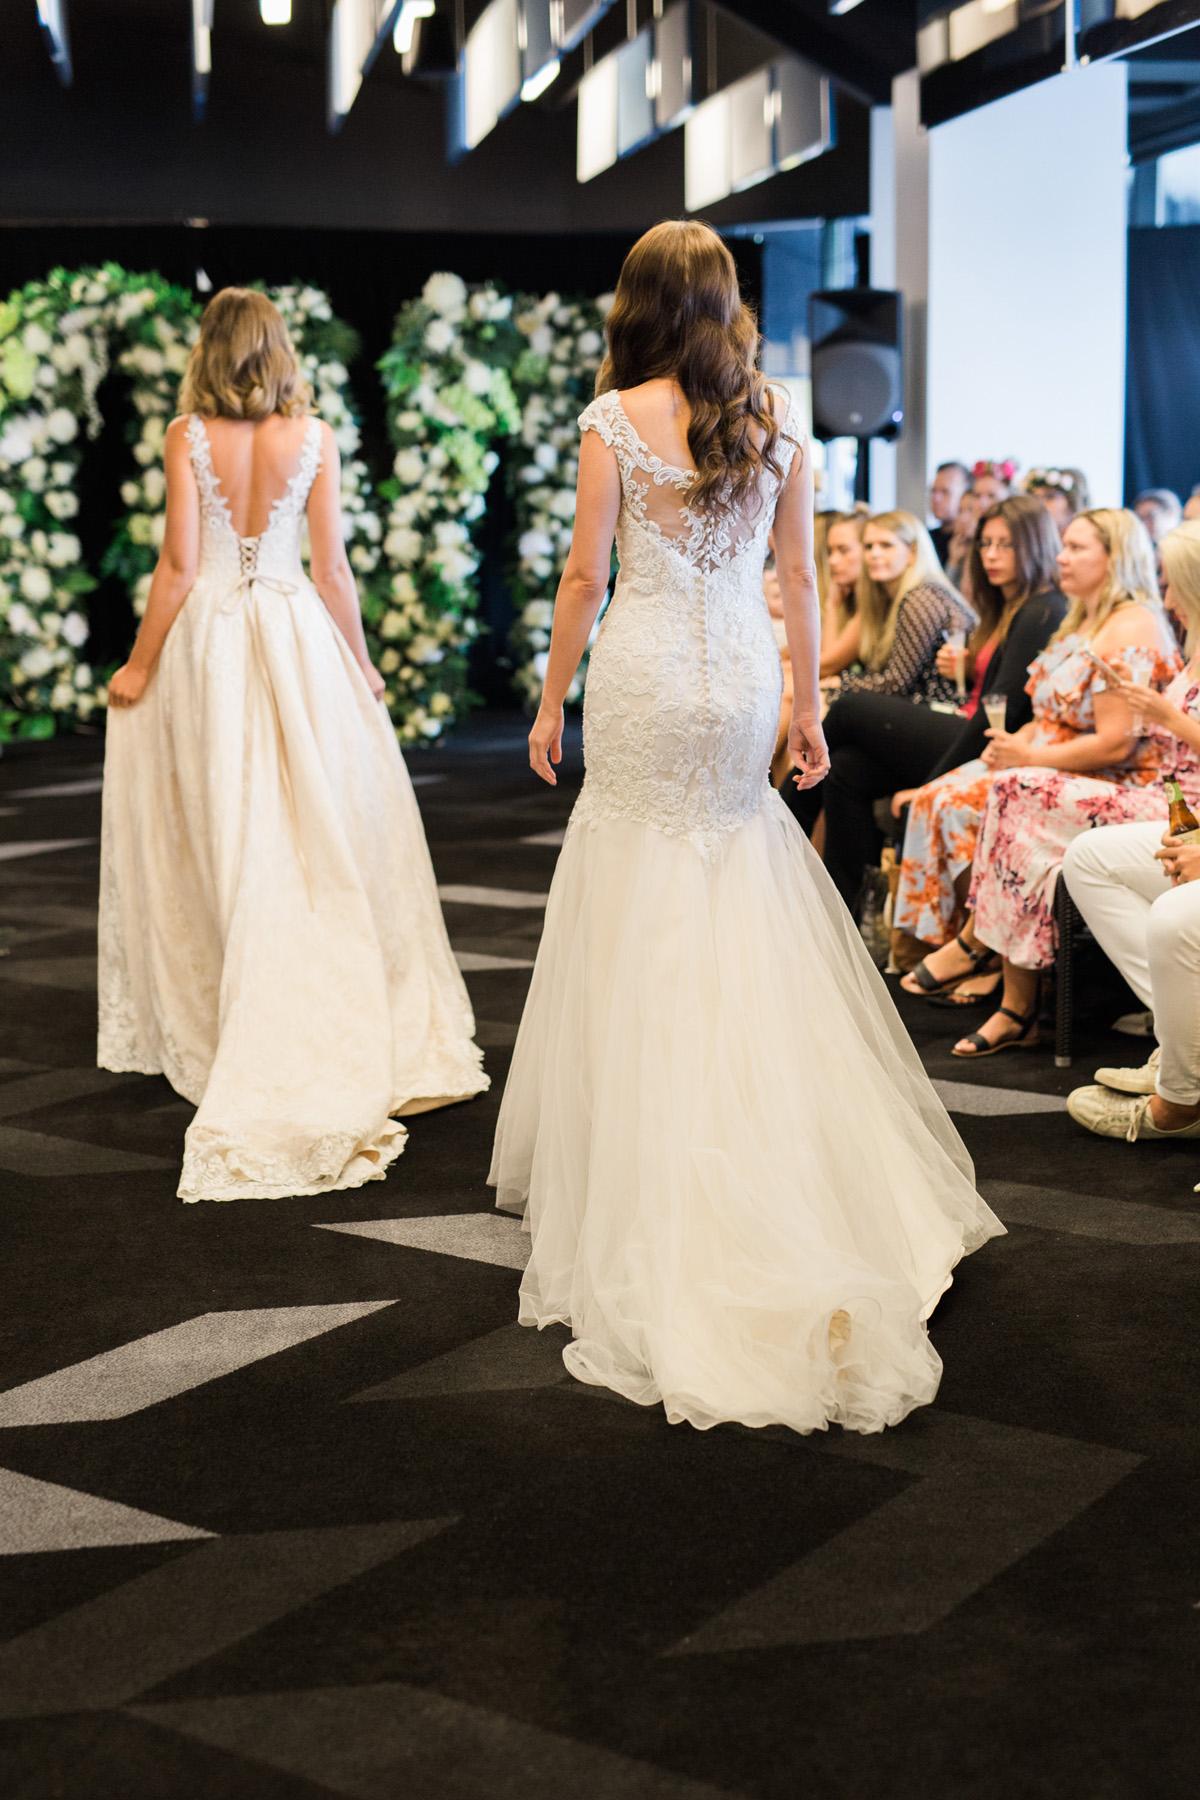 Love-Wedding-Festival-Sydney-Wedding-Gown-Jean-Fox-Bridal-25.jpg